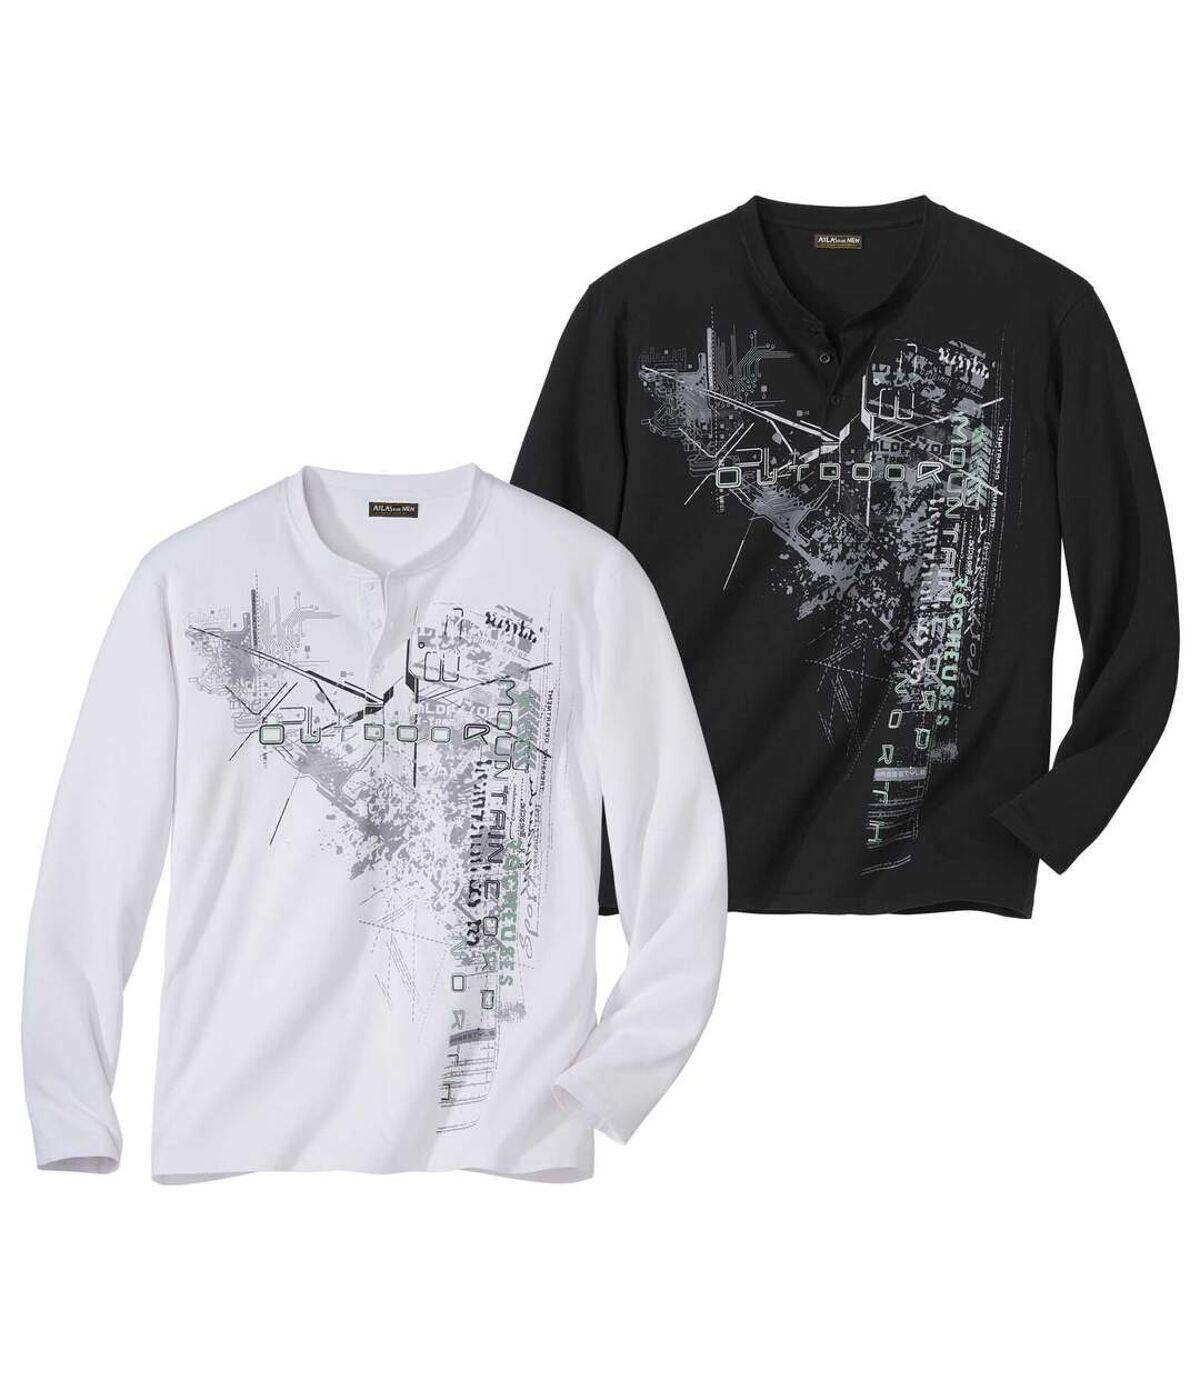 Pack of 2 Men's Graphic Print Long Sleeve Tops - Black White Atlas For Men